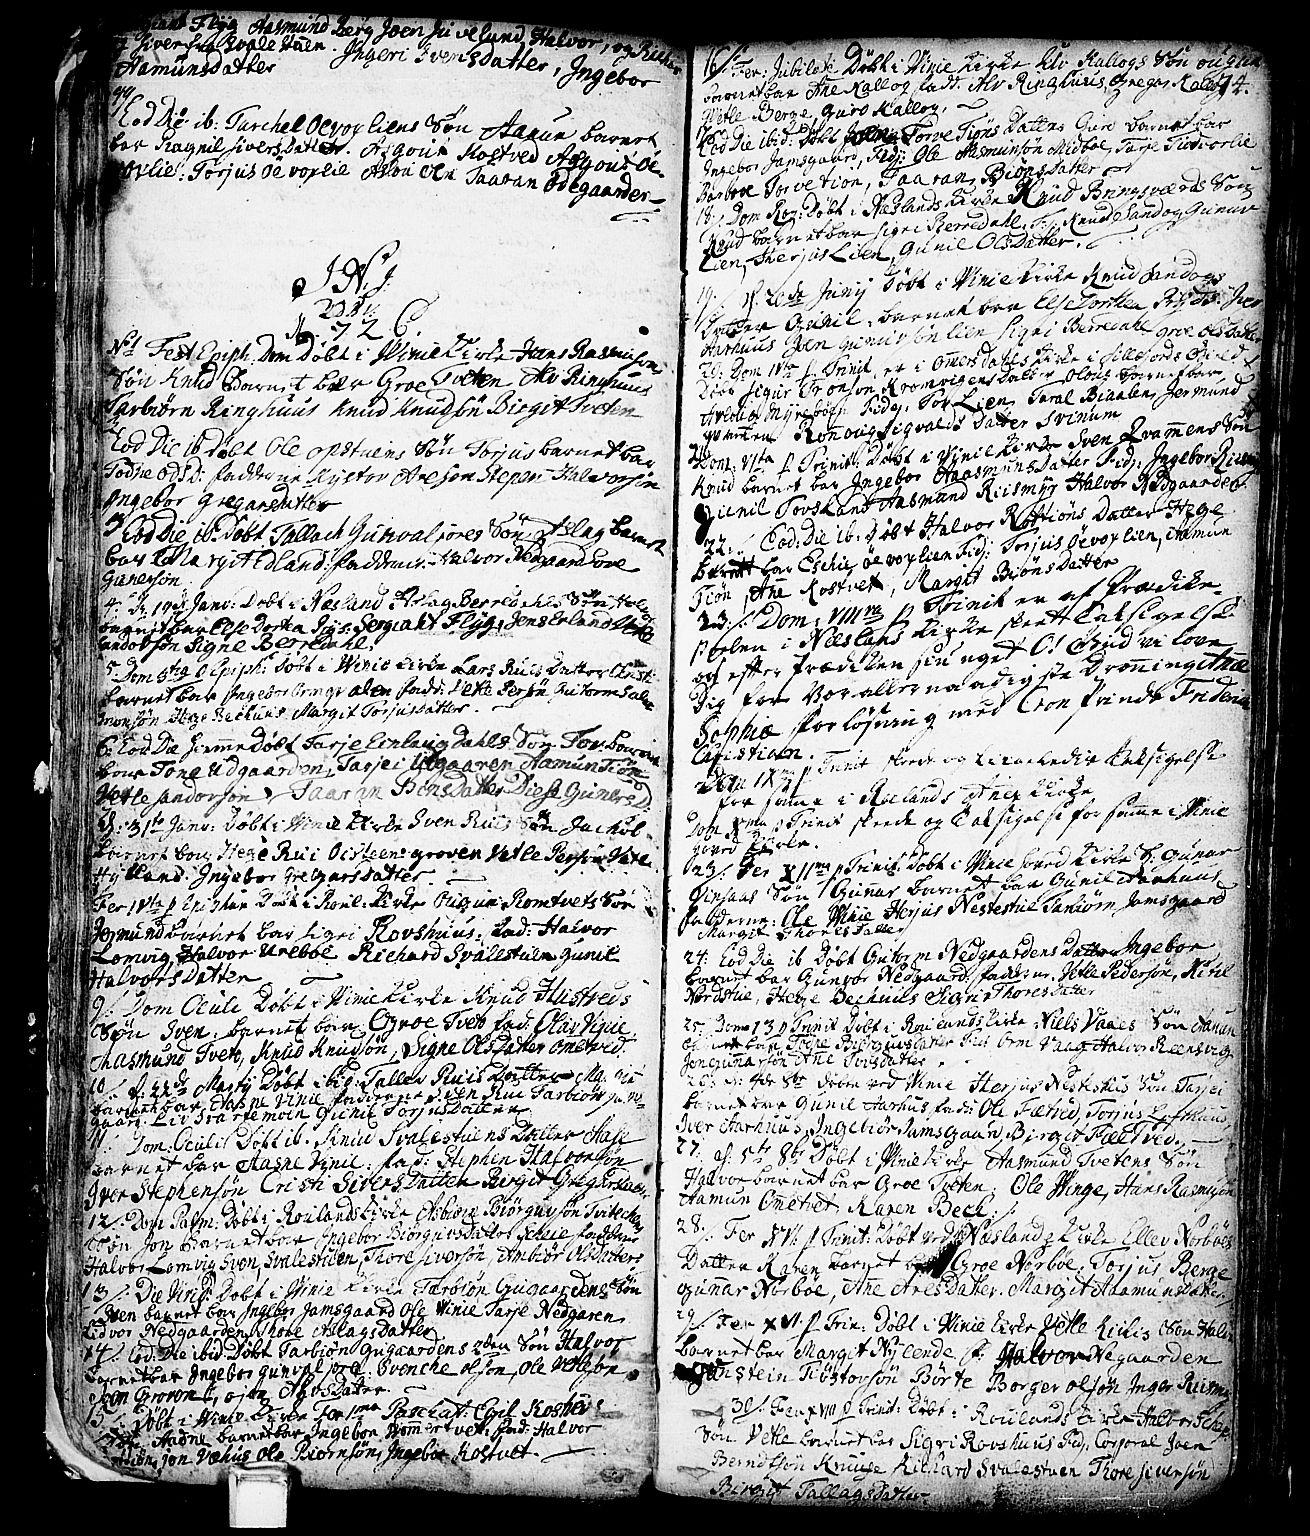 SAKO, Vinje kirkebøker, F/Fa/L0001: Ministerialbok nr. I 1, 1717-1766, s. 74